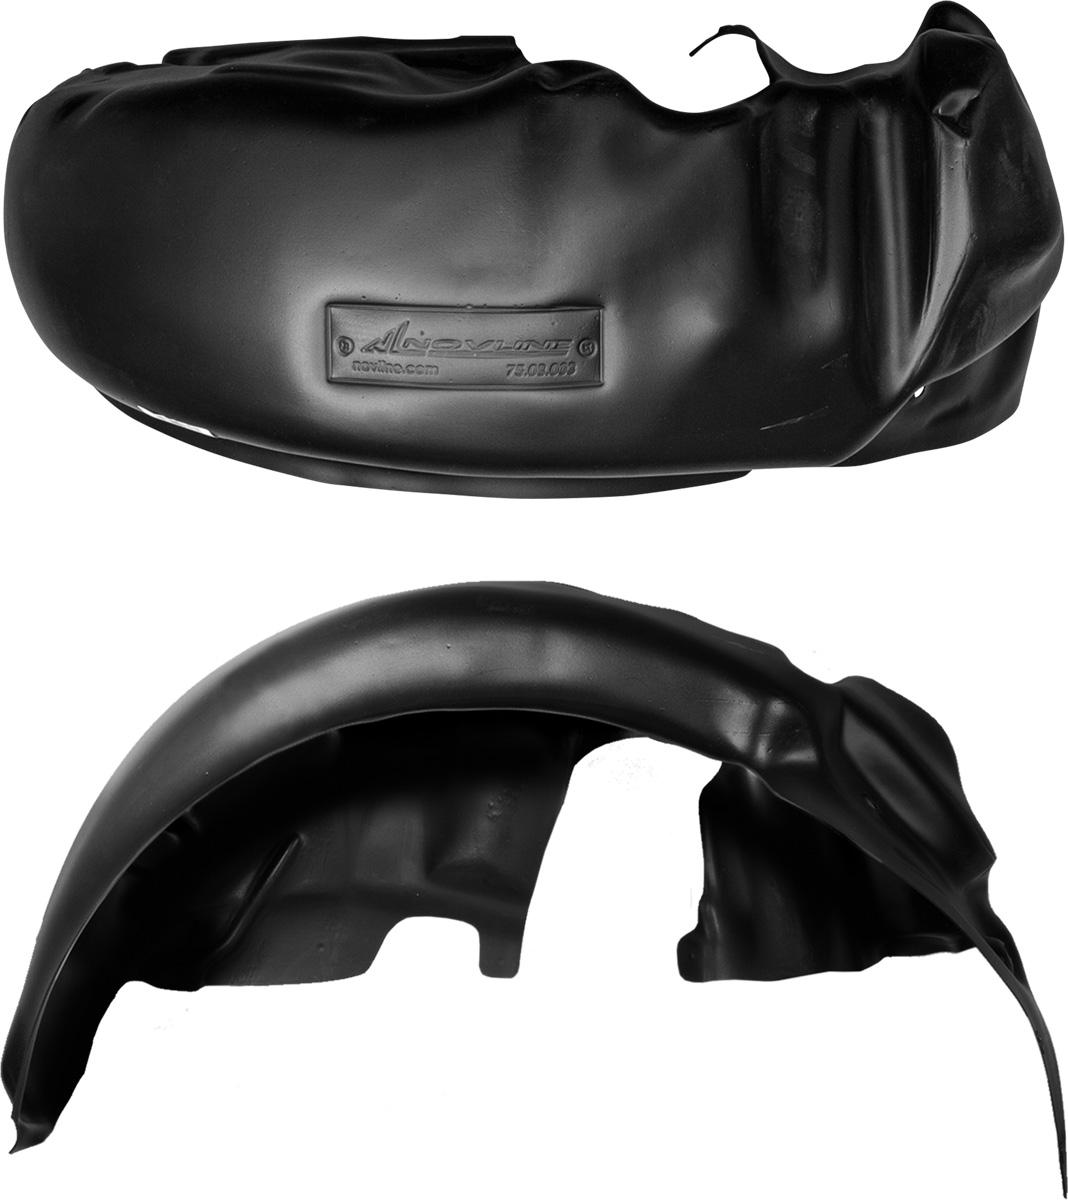 Подкрылок Novline-Autofamily, для RENAULT Duster 4x4, 2011-2015, задний правыйNLL.41.29.004Колесные ниши - одни из самых уязвимых зон днища вашего автомобиля. Они постоянно подвергаются воздействию со стороны дороги. Лучшая, почти абсолютная защита для них - специально отформованные пластиковые кожухи, которые называются подкрылками. Производятся они как для отечественных моделей автомобилей, так и для иномарок. Подкрылки Novline-Autofamily выполнены из высококачественного, экологически чистого пластика. Обеспечивают надежную защиту кузова автомобиля от пескоструйного эффекта и негативного влияния, агрессивных антигололедных реагентов. Пластик обладает более низкой теплопроводностью, чем металл, поэтому в зимний период эксплуатации использование пластиковых подкрылков позволяет лучше защитить колесные ниши от налипания снега и образования наледи. Оригинальность конструкции подчеркивает элегантность автомобиля, бережно защищает нанесенное на днище кузова антикоррозийное покрытие и позволяет осуществить крепление подкрылков внутри колесной арки практически без дополнительного крепежа и сверления, не нарушая при этом лакокрасочного покрытия, что предотвращает возникновение новых очагов коррозии. Подкрылки долговечны, обладают высокой прочностью и сохраняют заданную форму, а также все свои физико-механические характеристики в самых тяжелых климатических условиях (от -50°С до +50°С).Уважаемые клиенты!Обращаем ваше внимание, на тот факт, что подкрылок имеет форму, соответствующую модели данного автомобиля. Фото служит для визуального восприятия товара.